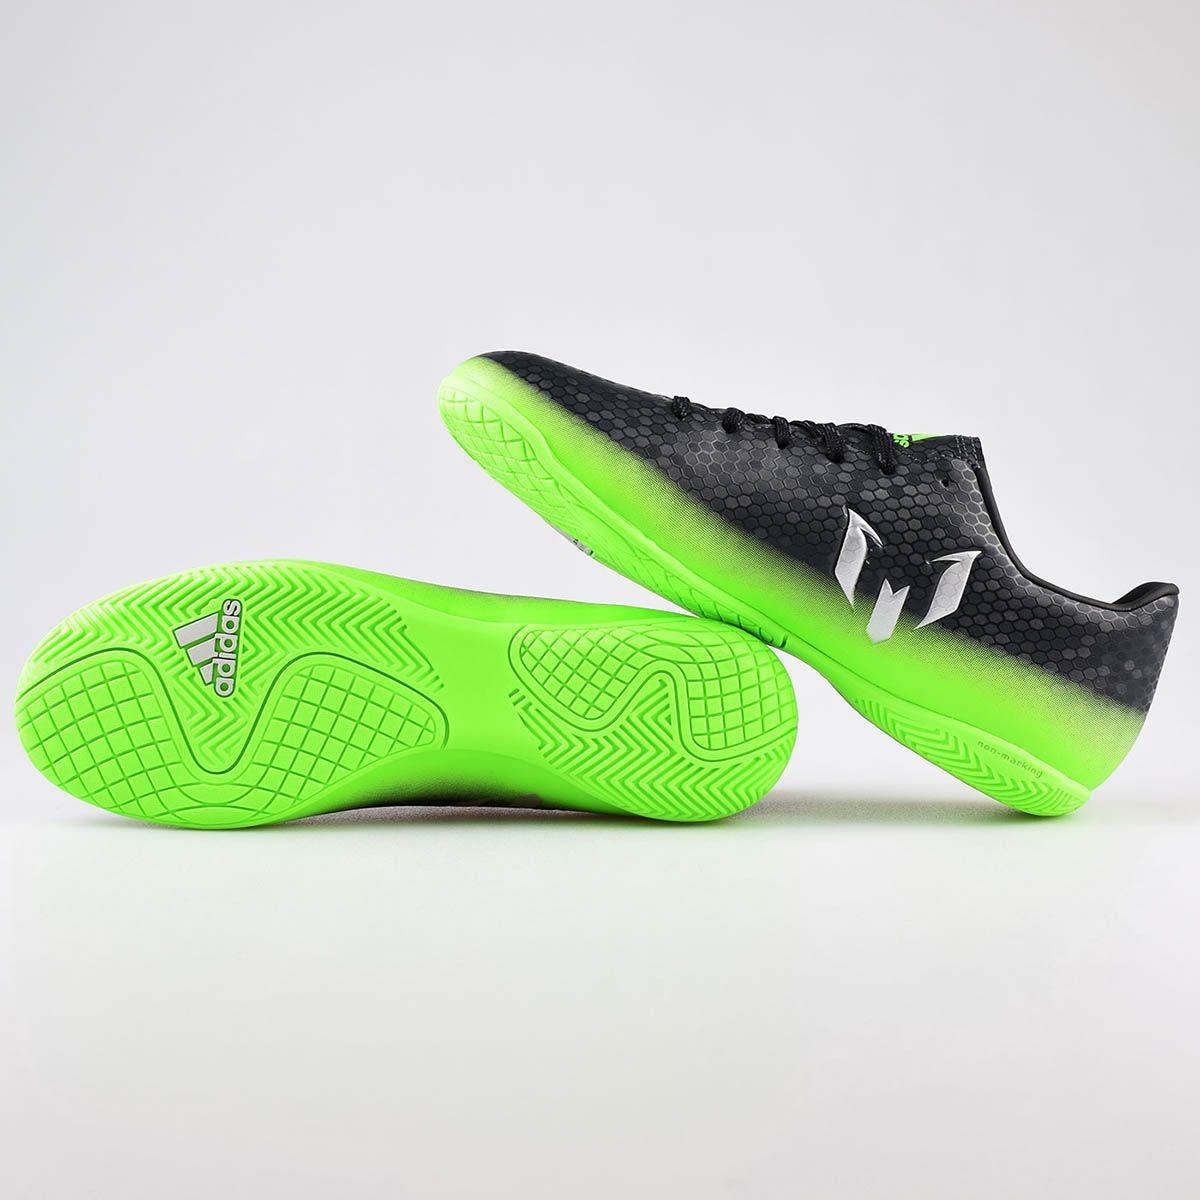 tênis de futsal chuteira adidas messi 16.4 in original +nf. Carregando zoom. e5b4ebb9e78e4